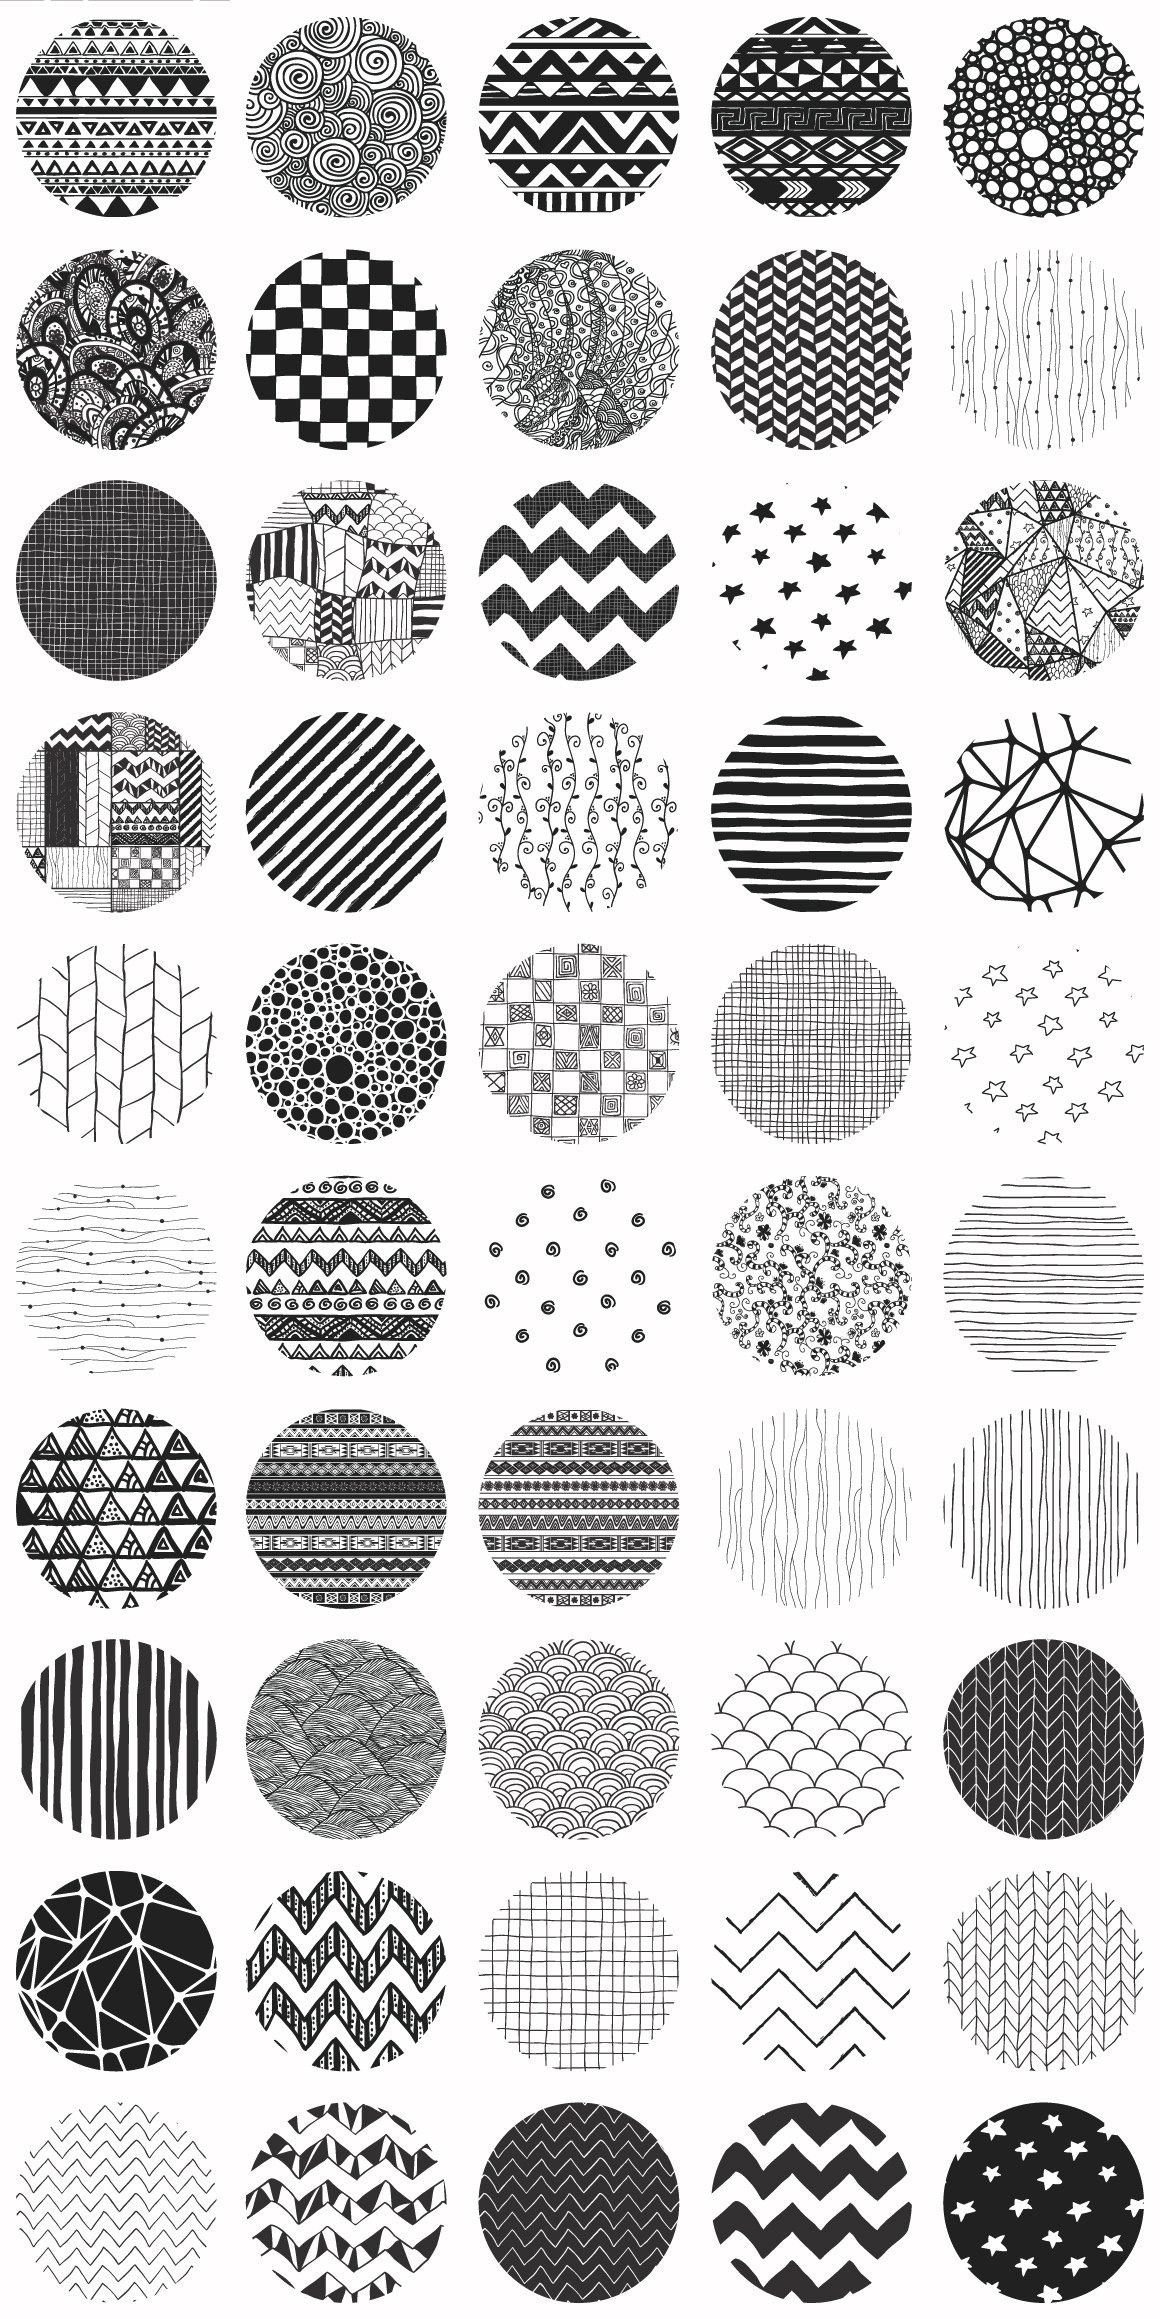 50款可爱黑色手绘涂鸦无缝隙背景图案 50 Hand Drawn Patterns插图(1)